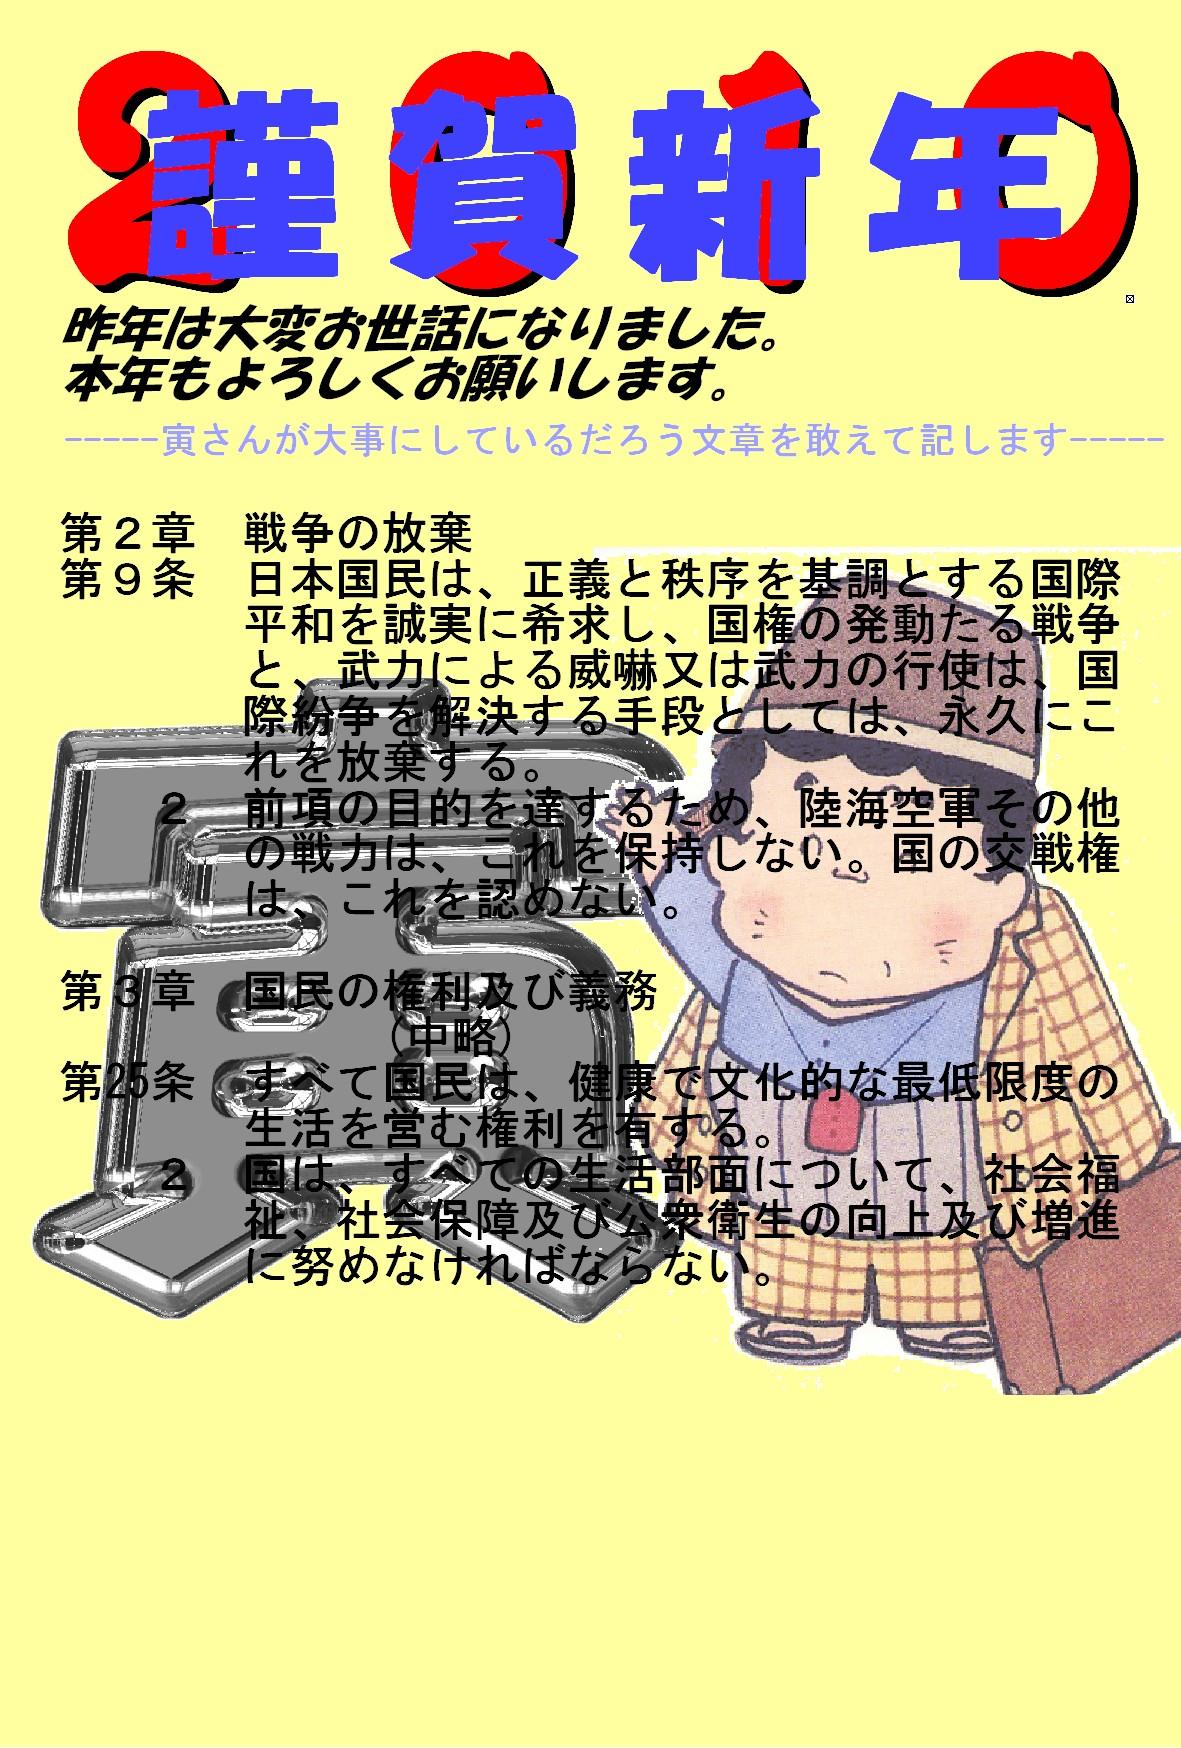 10年用年賀状裏面アドレス無し.jpg